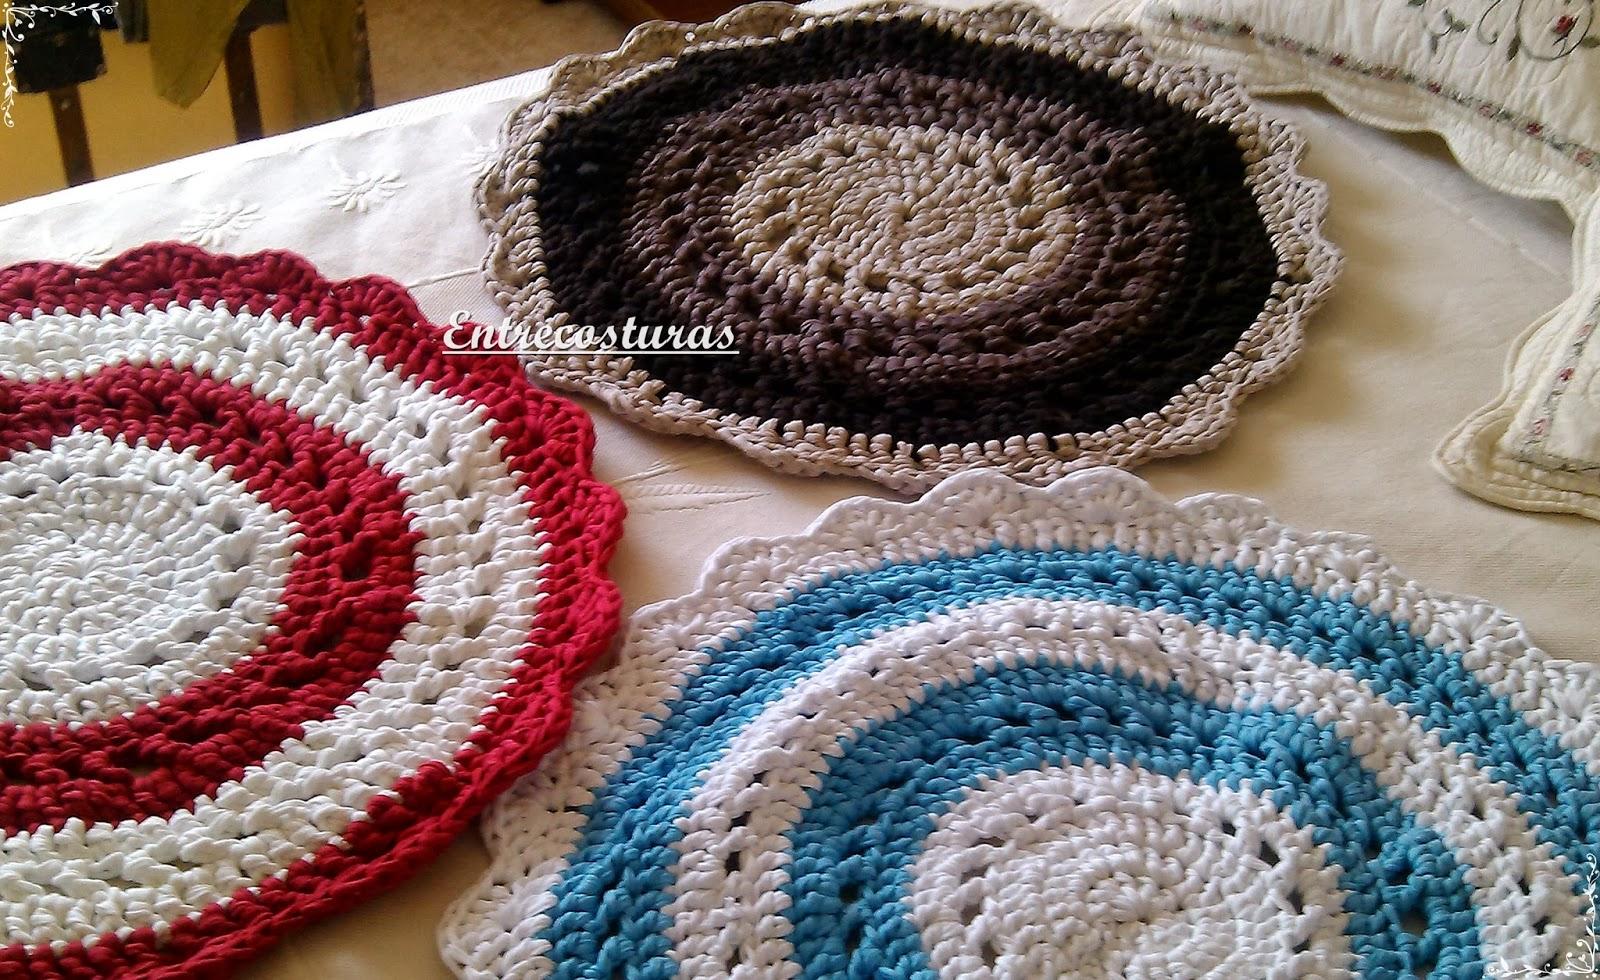 Entrecosturas alfombras y salvamanteles de trapillo - Alfombras bano originales ...